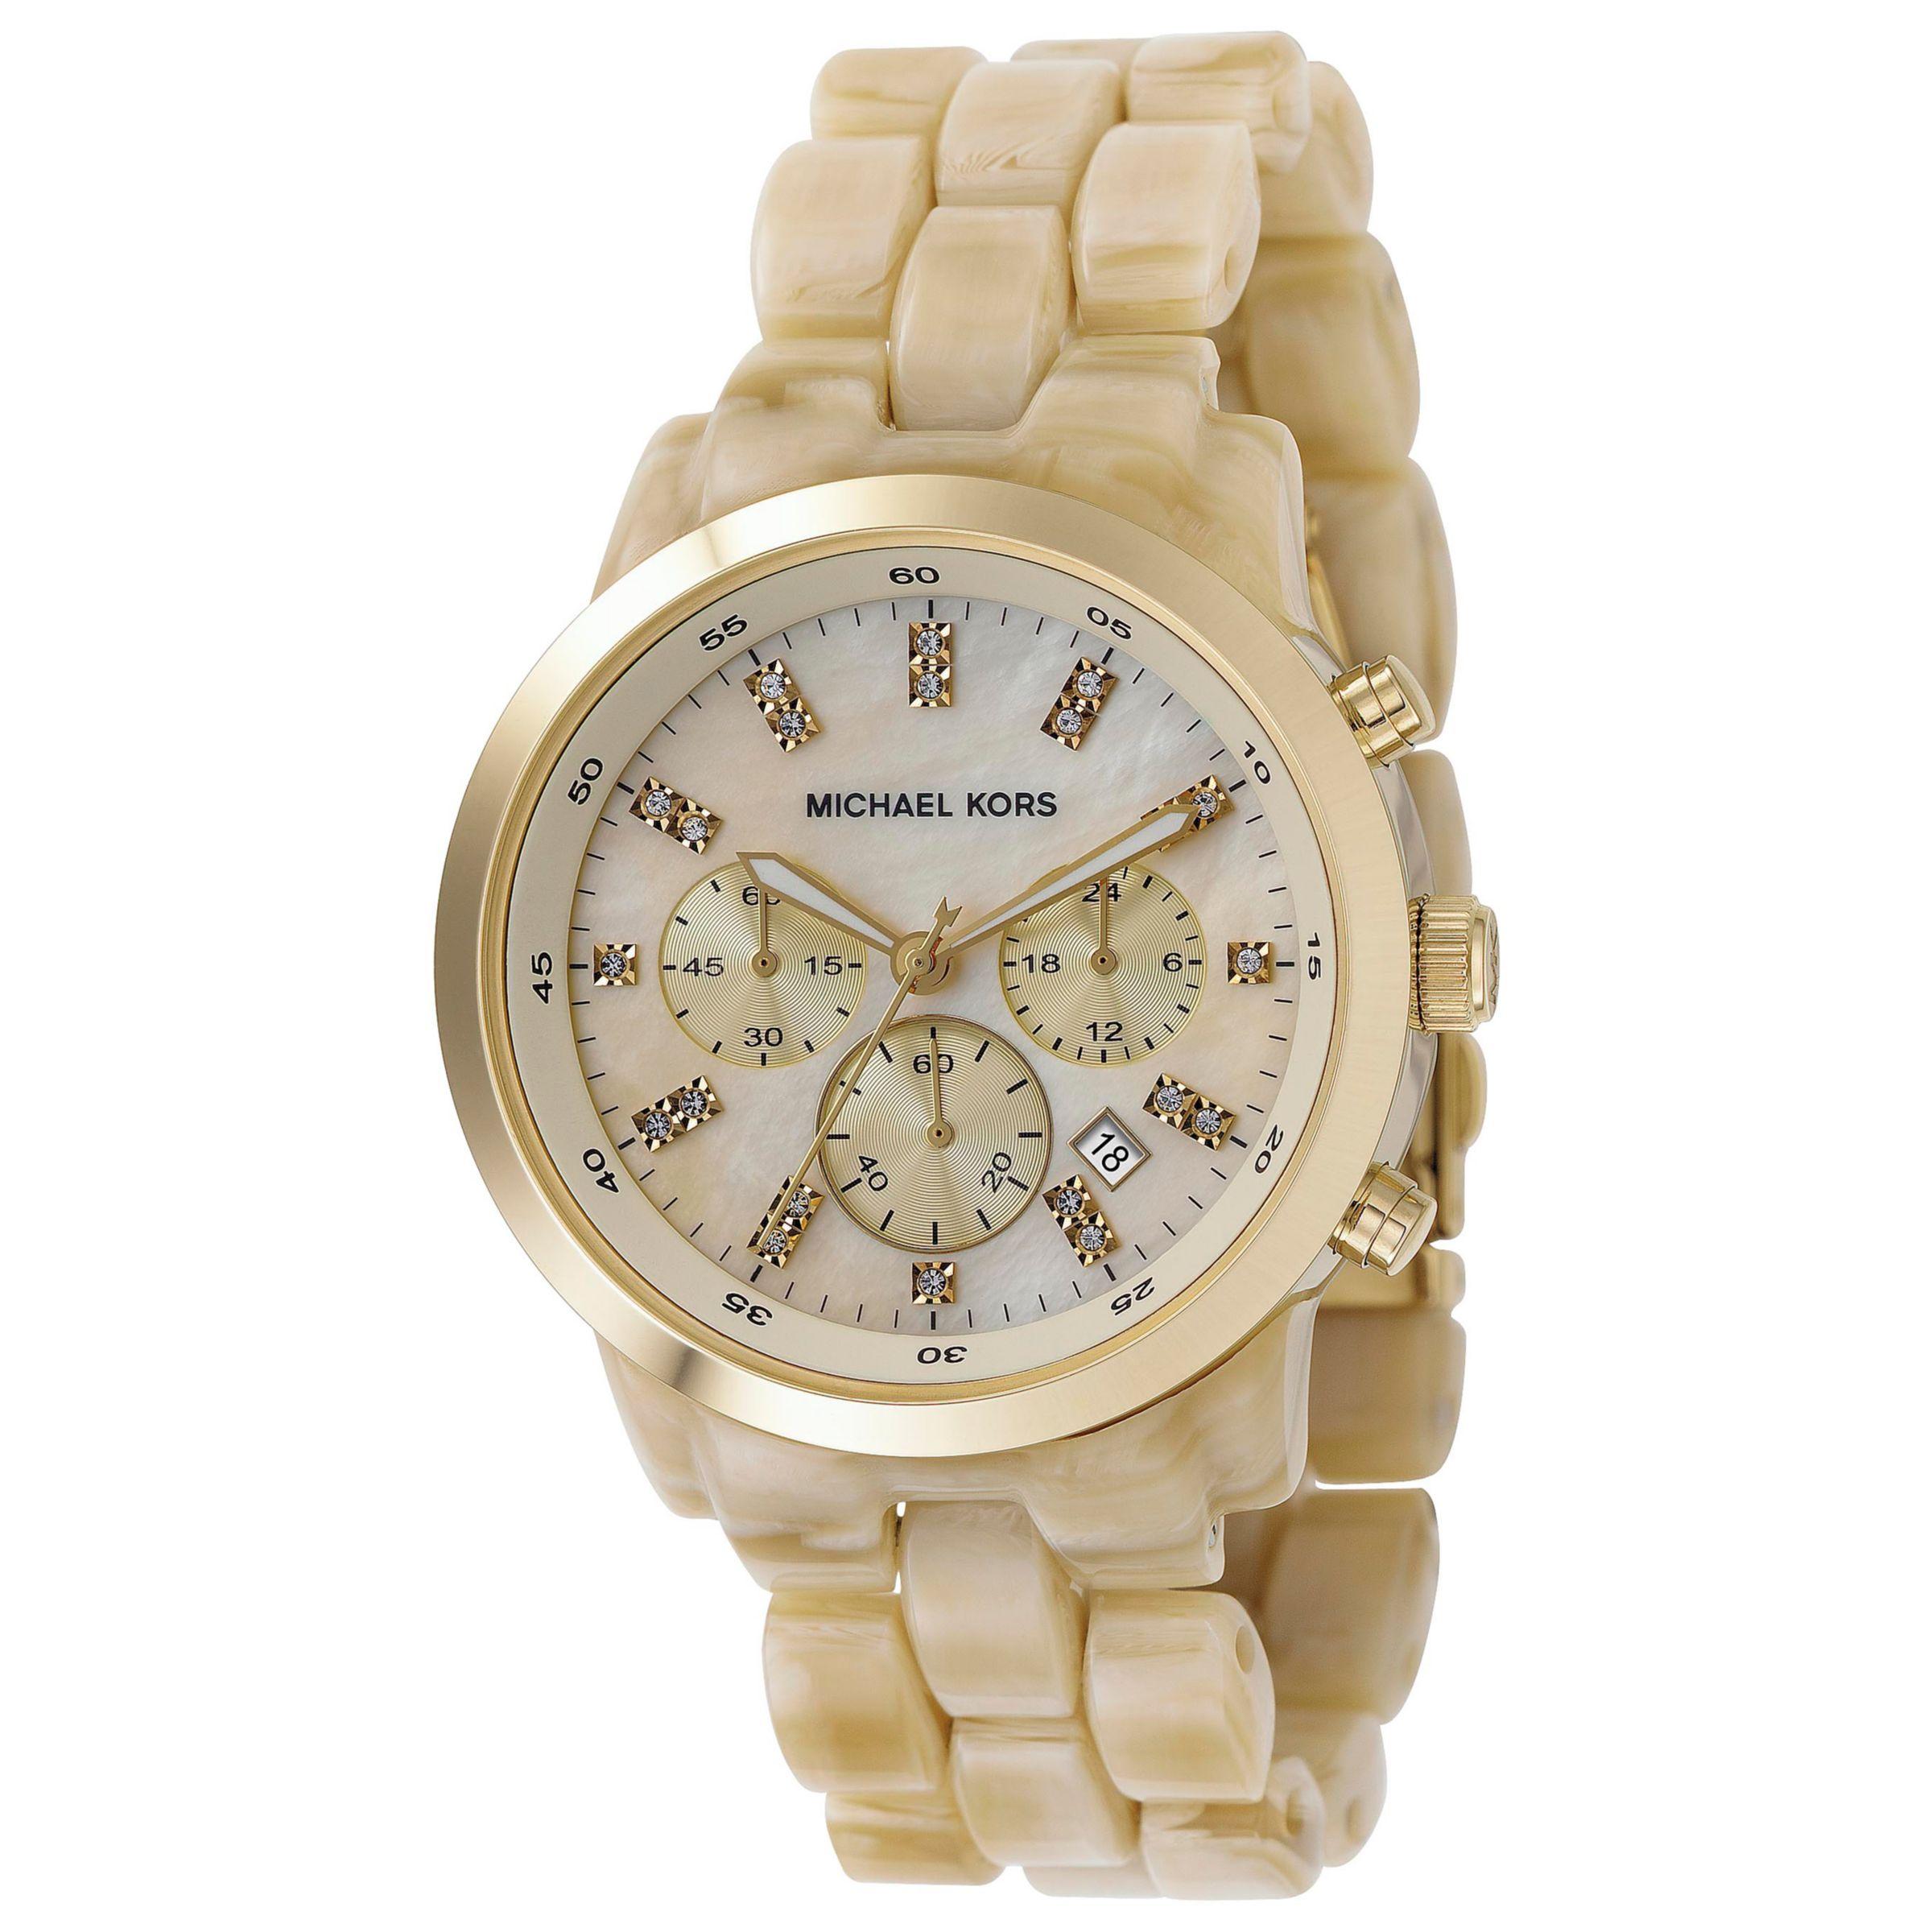 Michael Kors MK5217 Women's Chronograph Oversized Horn Watch, Horn